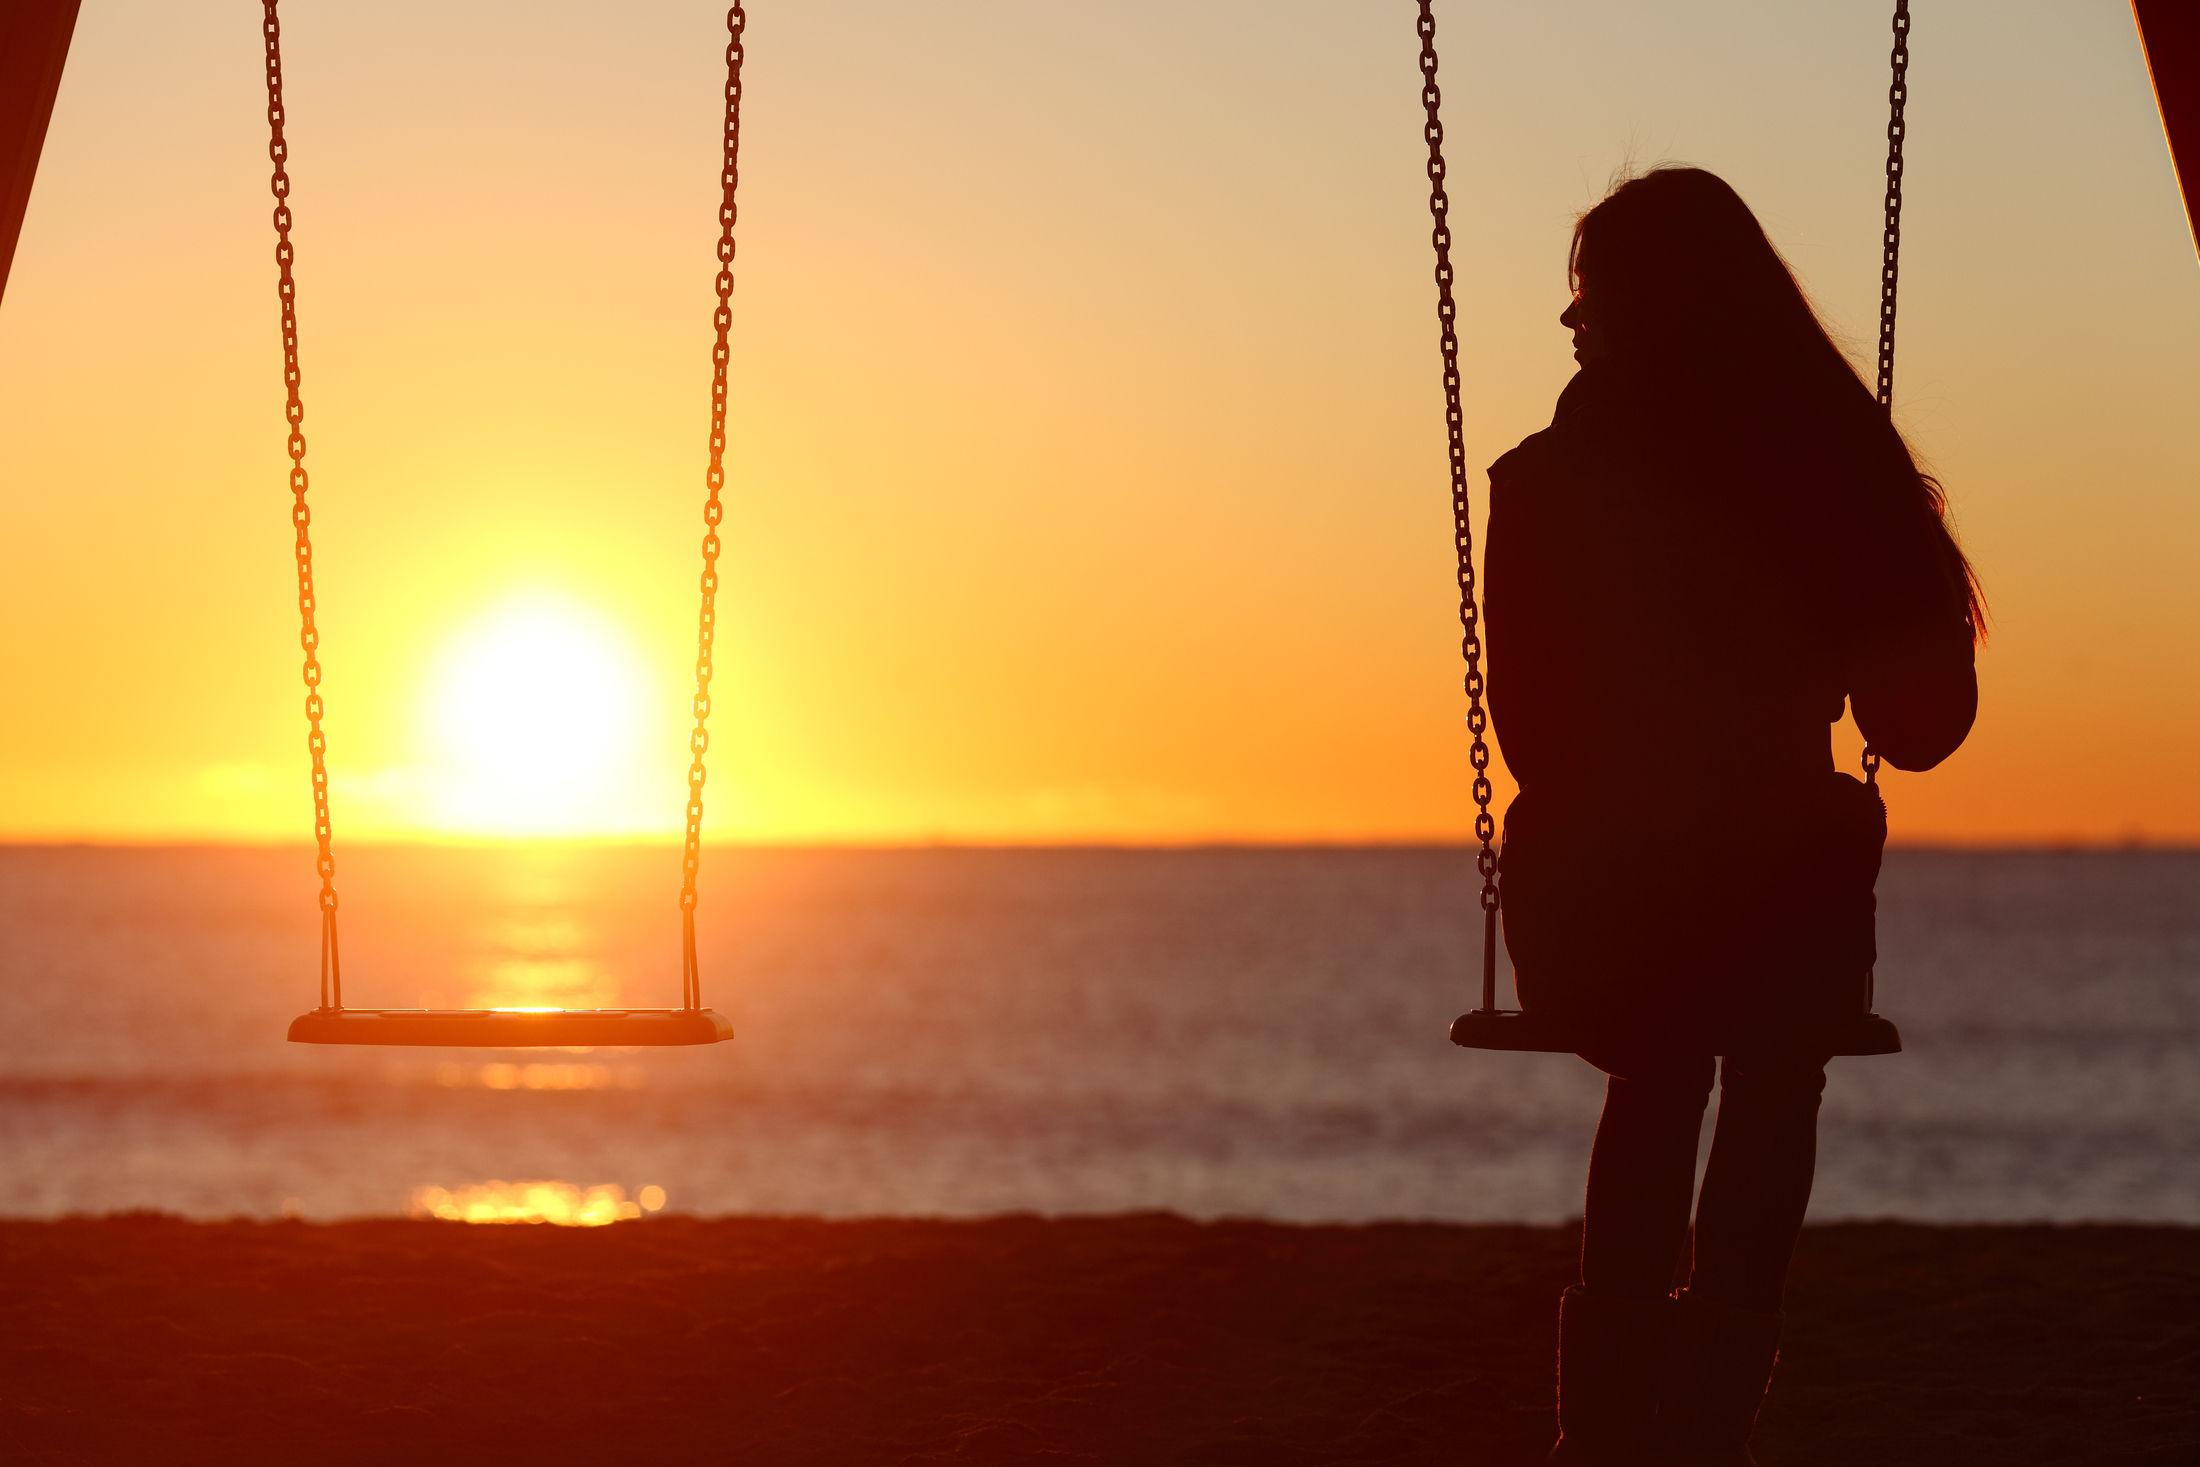 如何治愈因相亲失败带来的挫败感?-心理学文章-壹心理